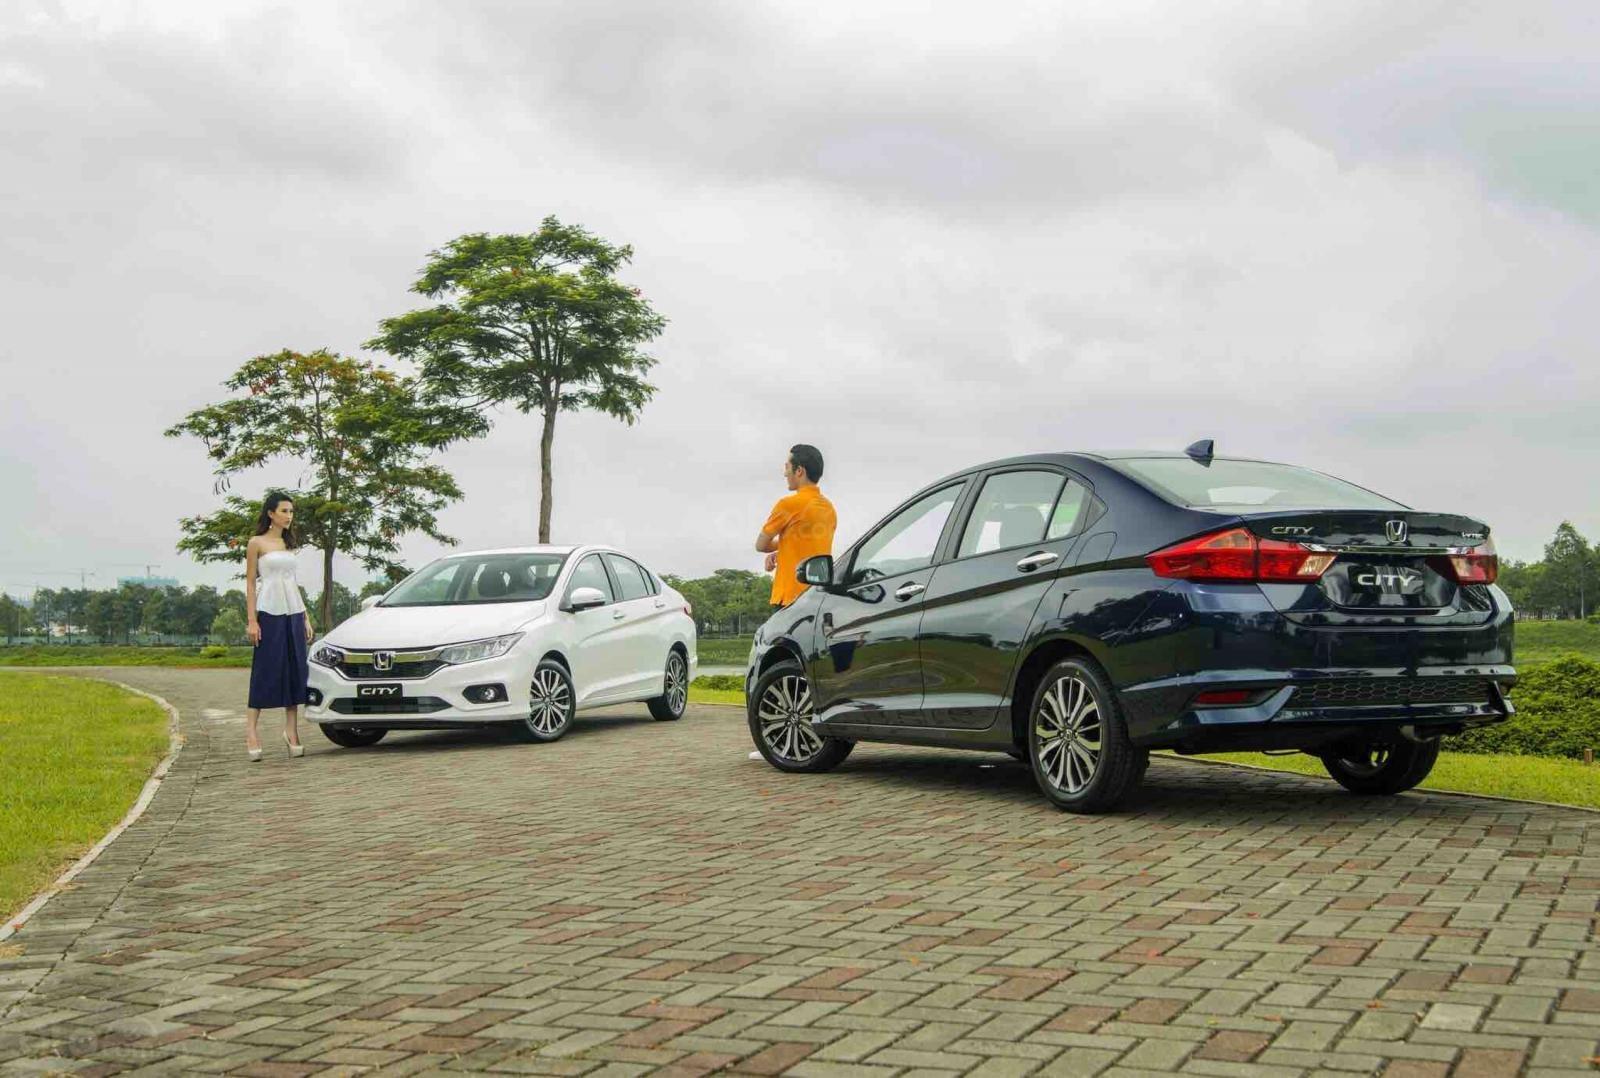 Honda ô tô Hải Phòng - Bán Honda City 2020 ưu đãi lớn, nhiều quà tặng, xe giao ngay. LH: 0933.679.838 Mr Đồng (4)